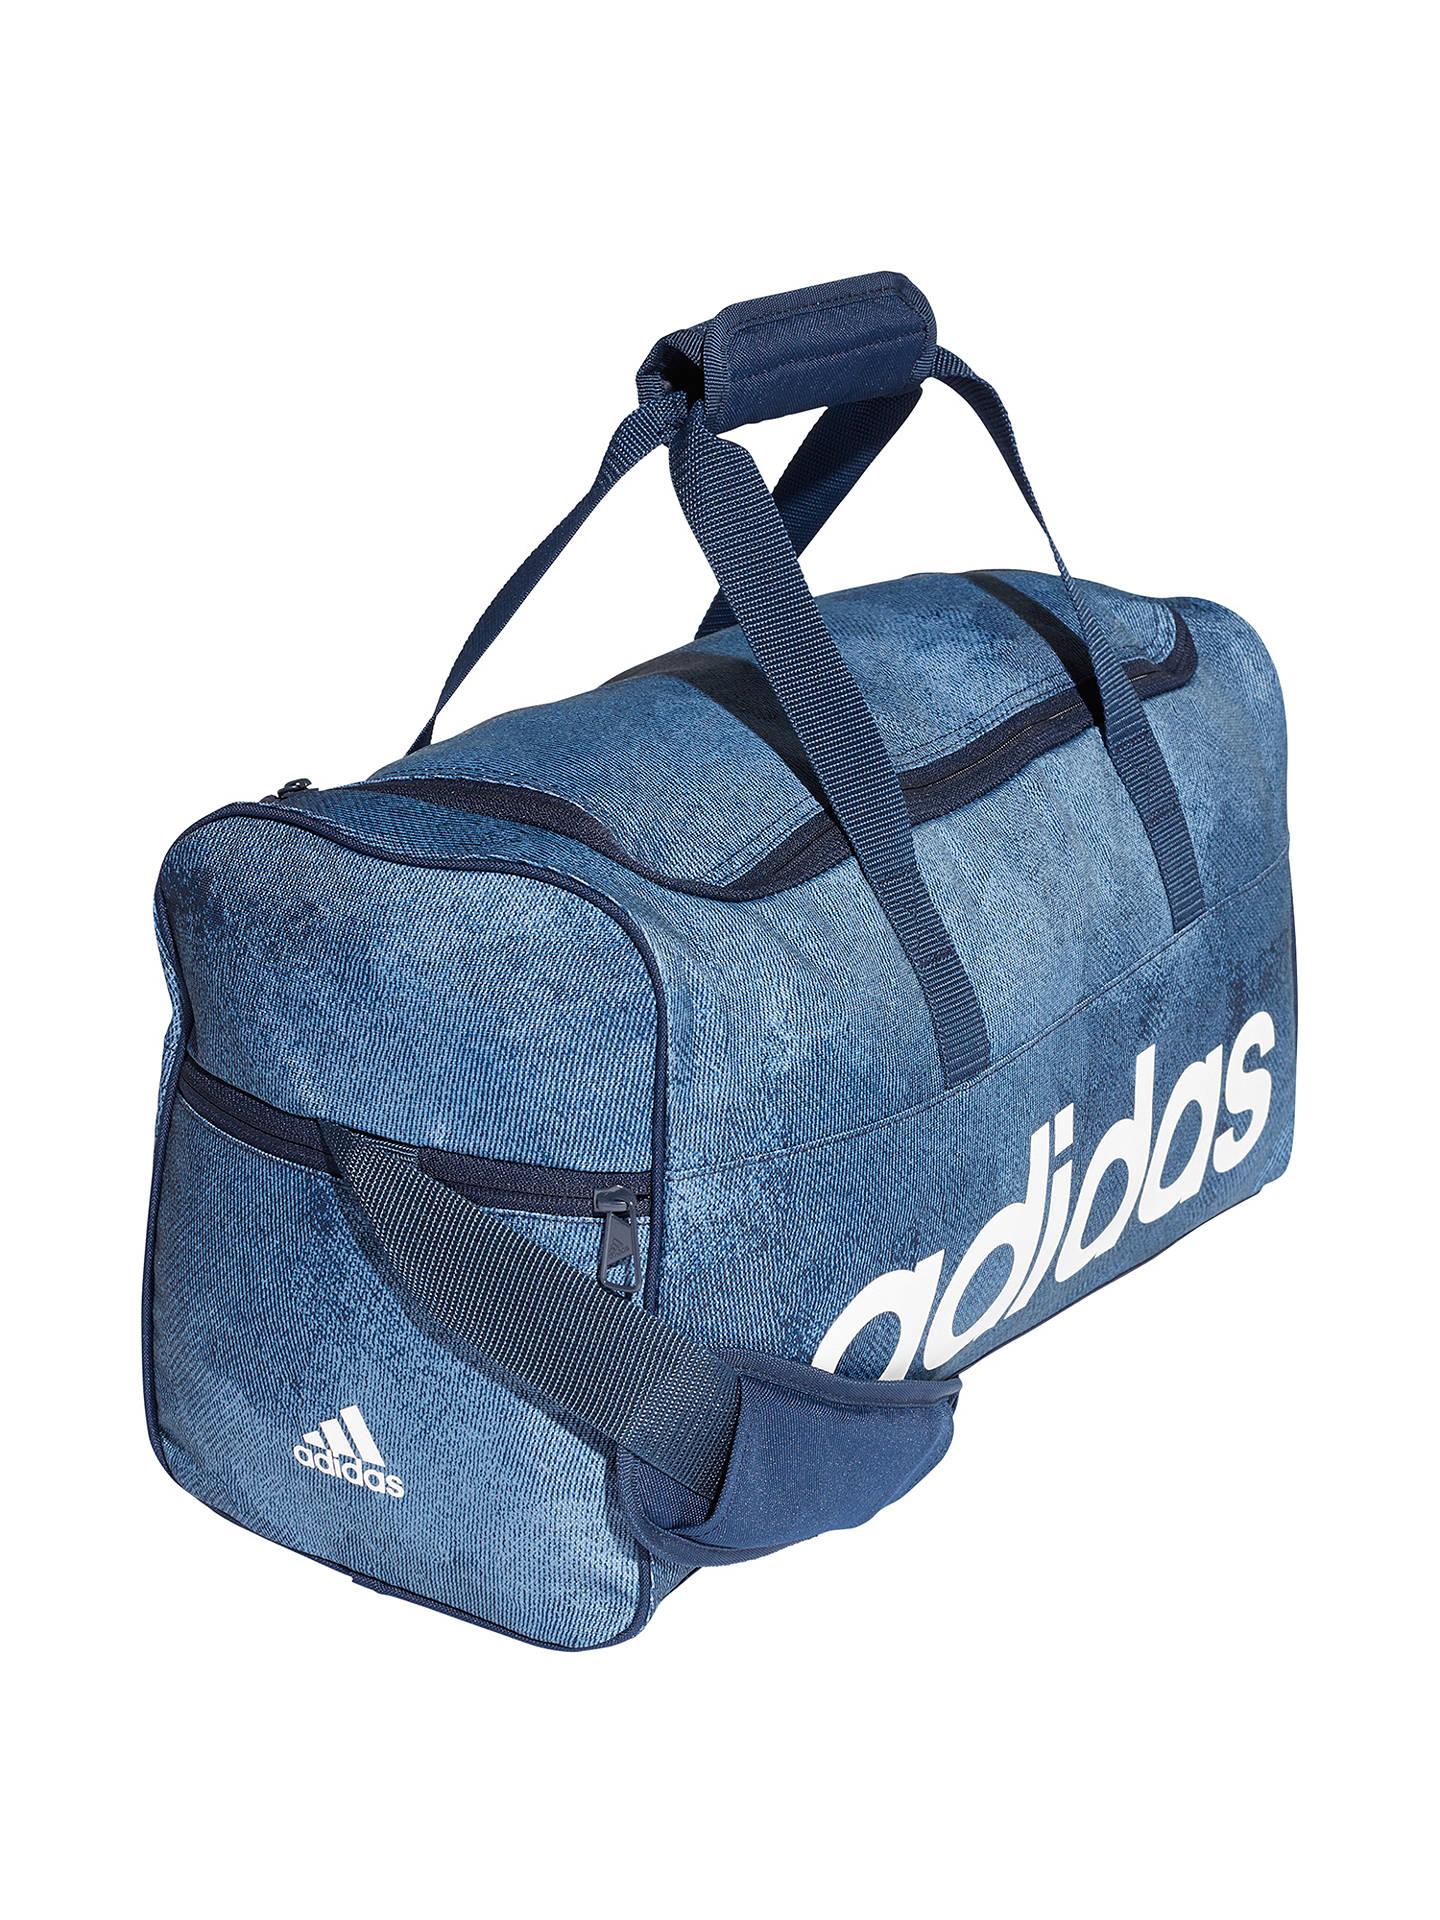 ... Buyadidas Linear Performance Duffel Bag a02d7edb2ad78